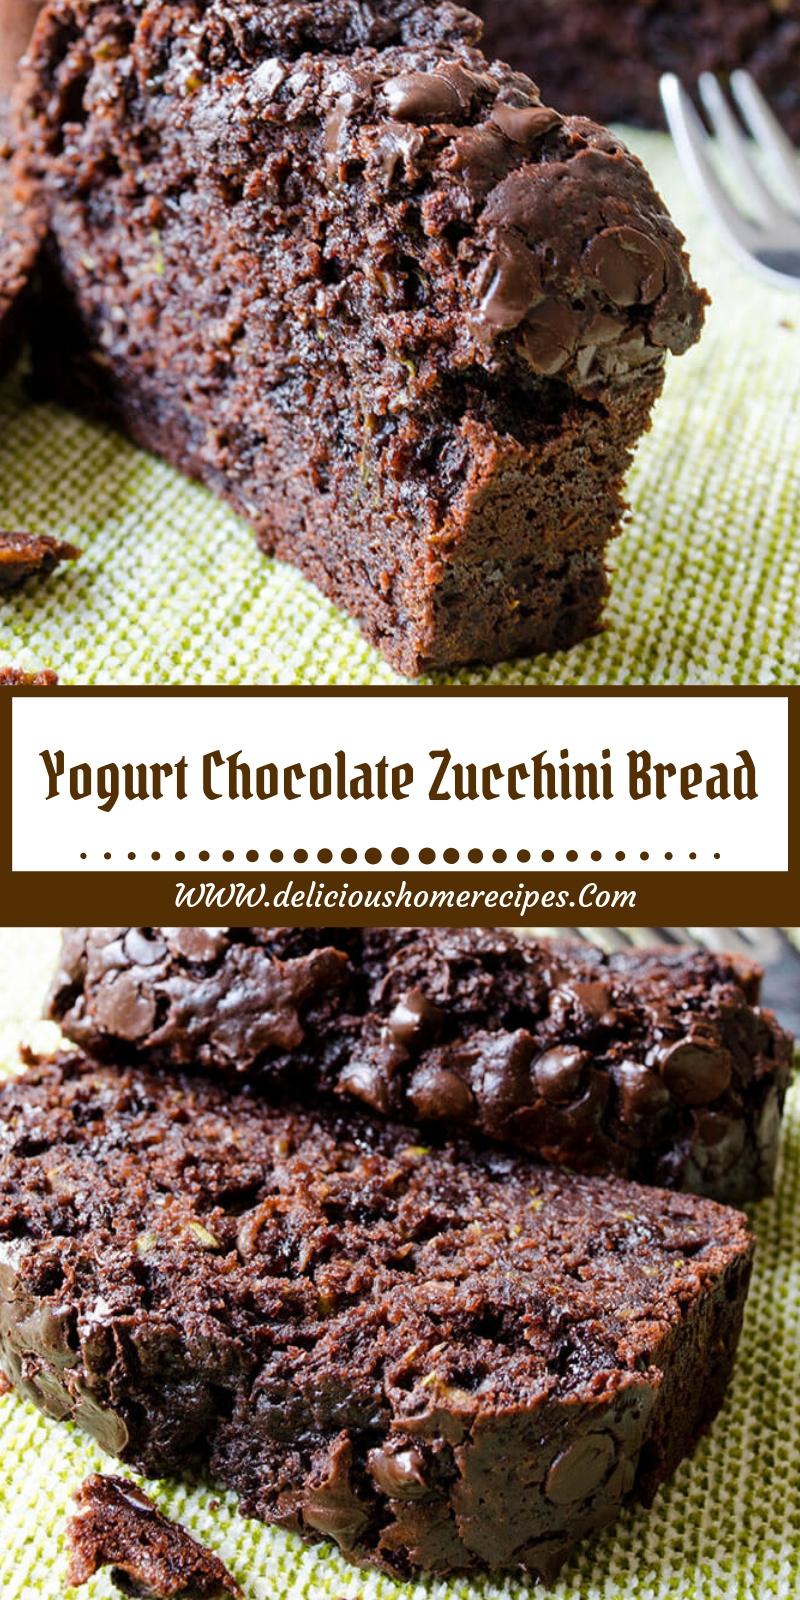 Yogurt Chocolate Zucchini Bread